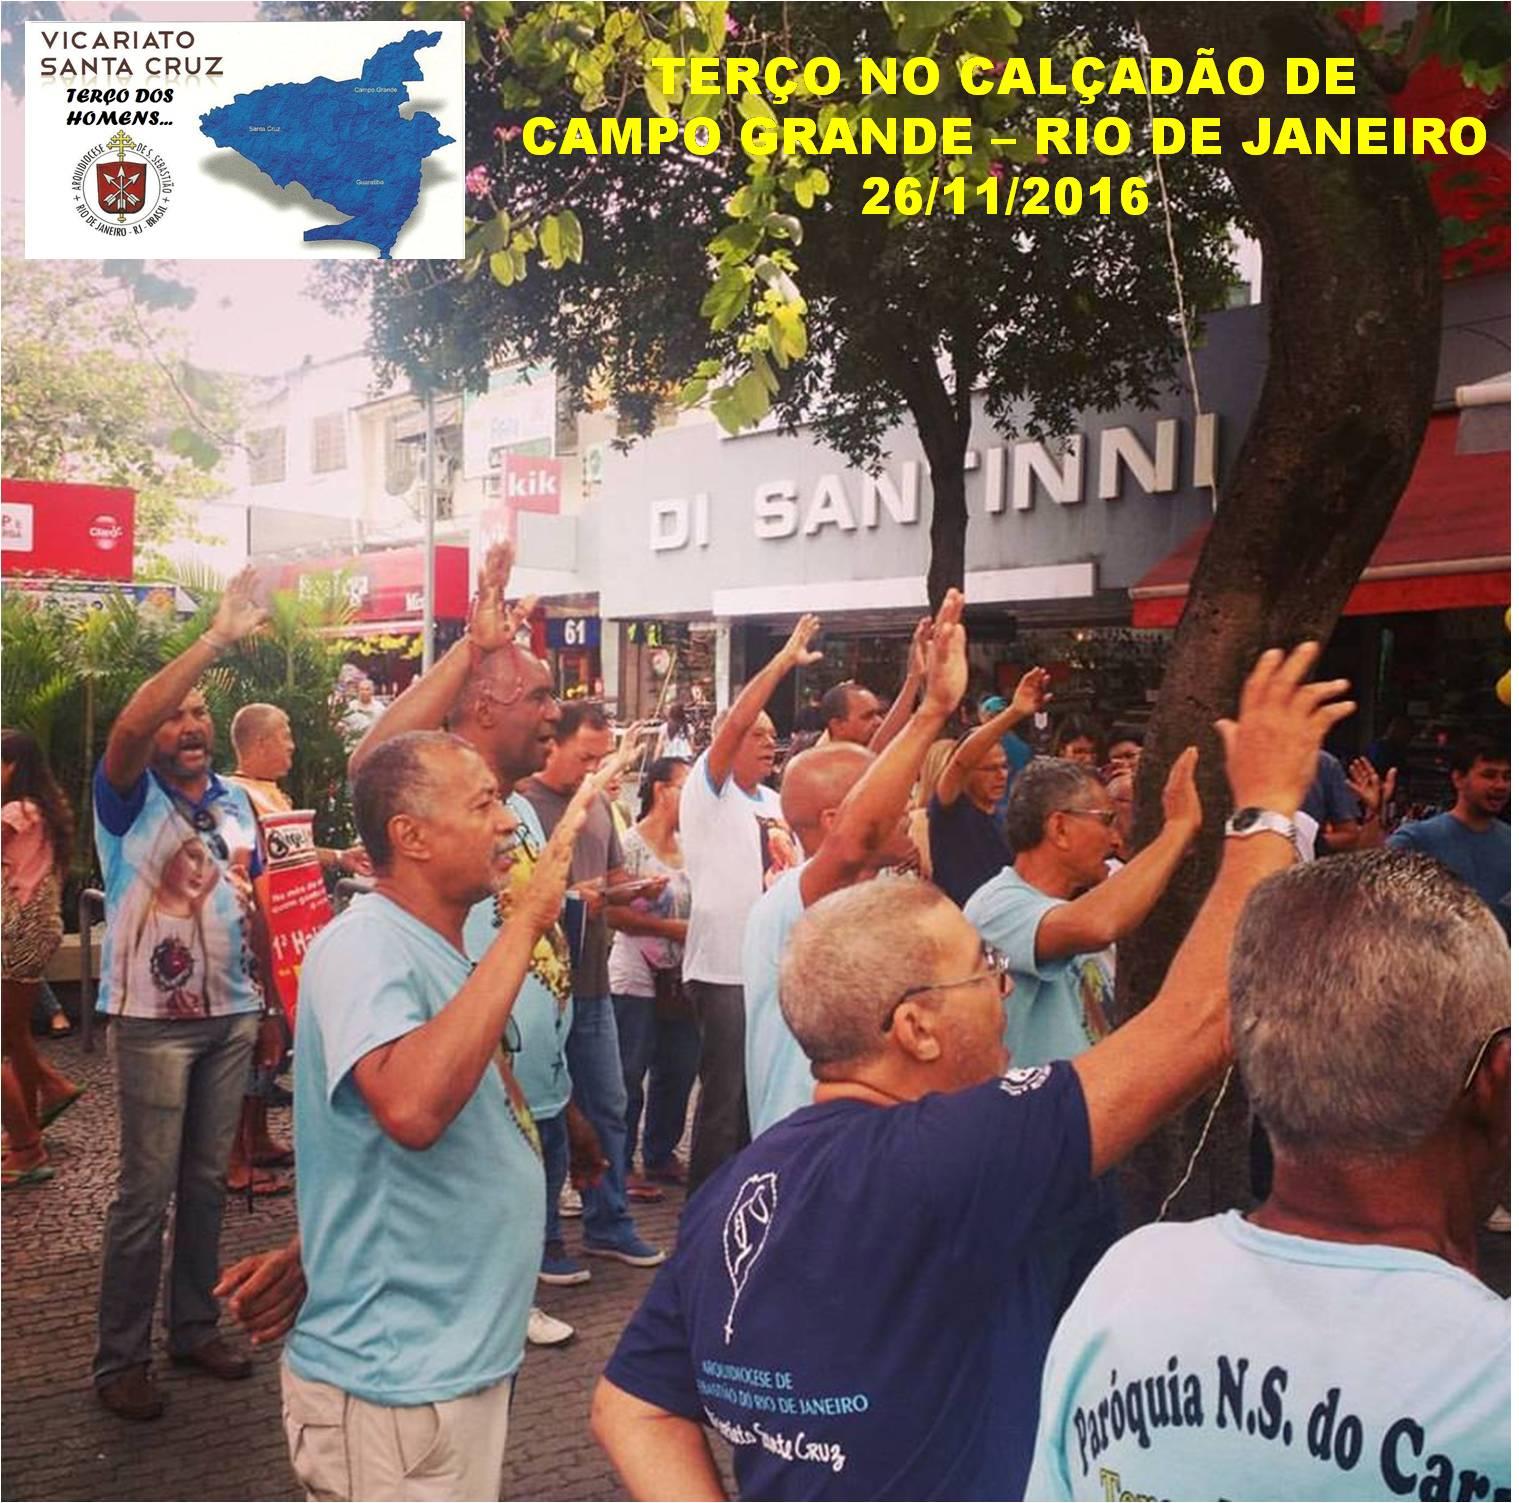 TERÇO NO CALÇADÃO DE CAMPO GRANDE - RIO DE JANEIRO - 26/11/2016